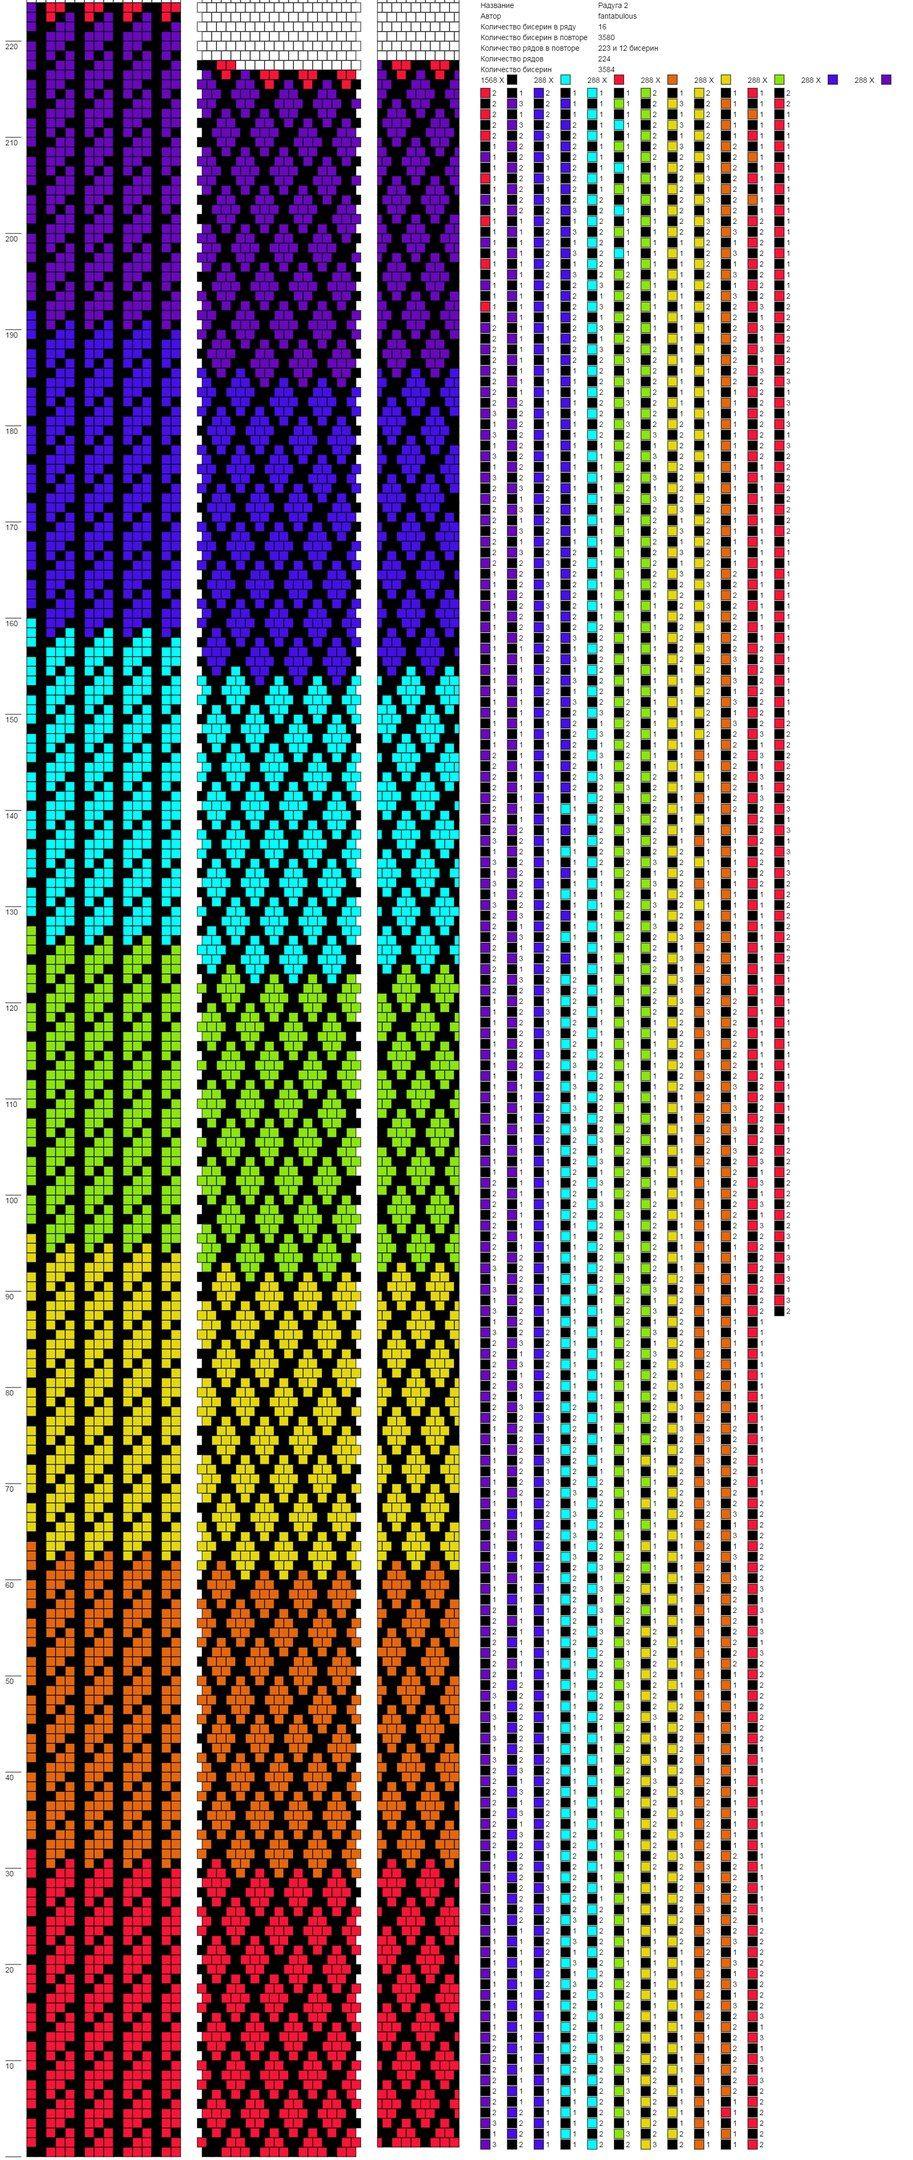 uSQHliZ9_BA.jpg 913×2,160 pixels | схемы для жгутов | Pinterest ...